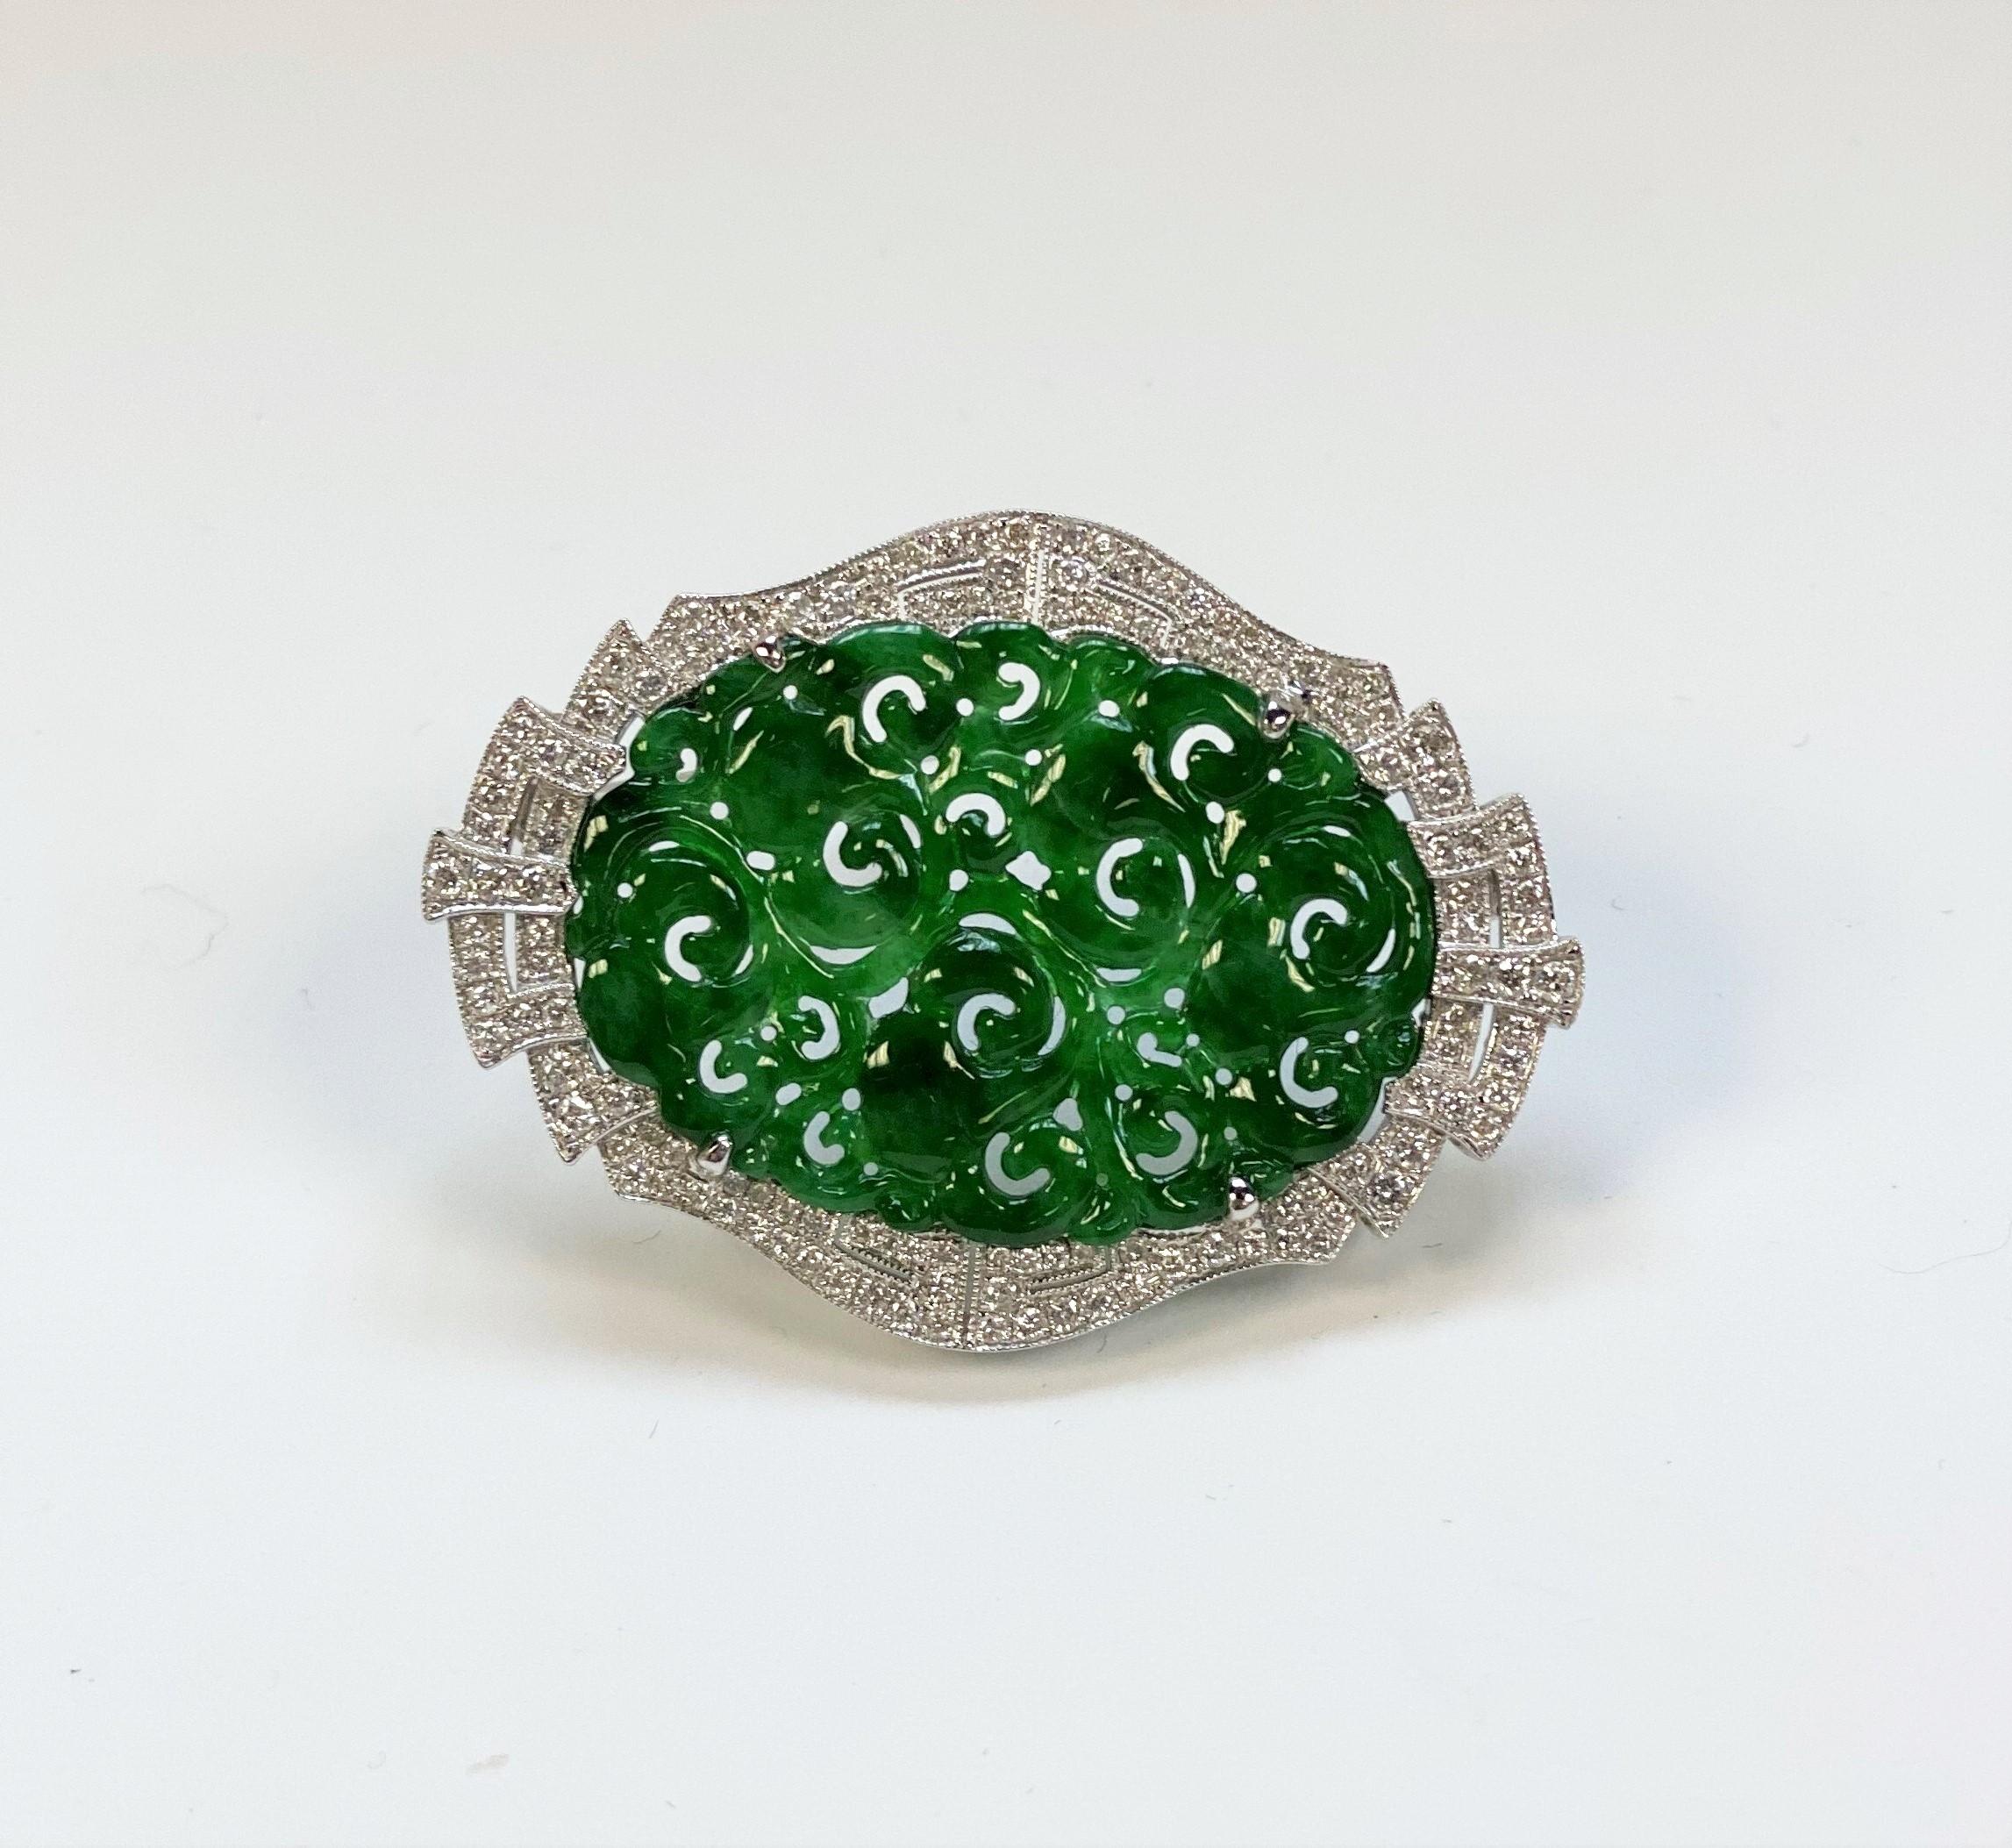 Natural Green Jade Diamond Pendant Brooch